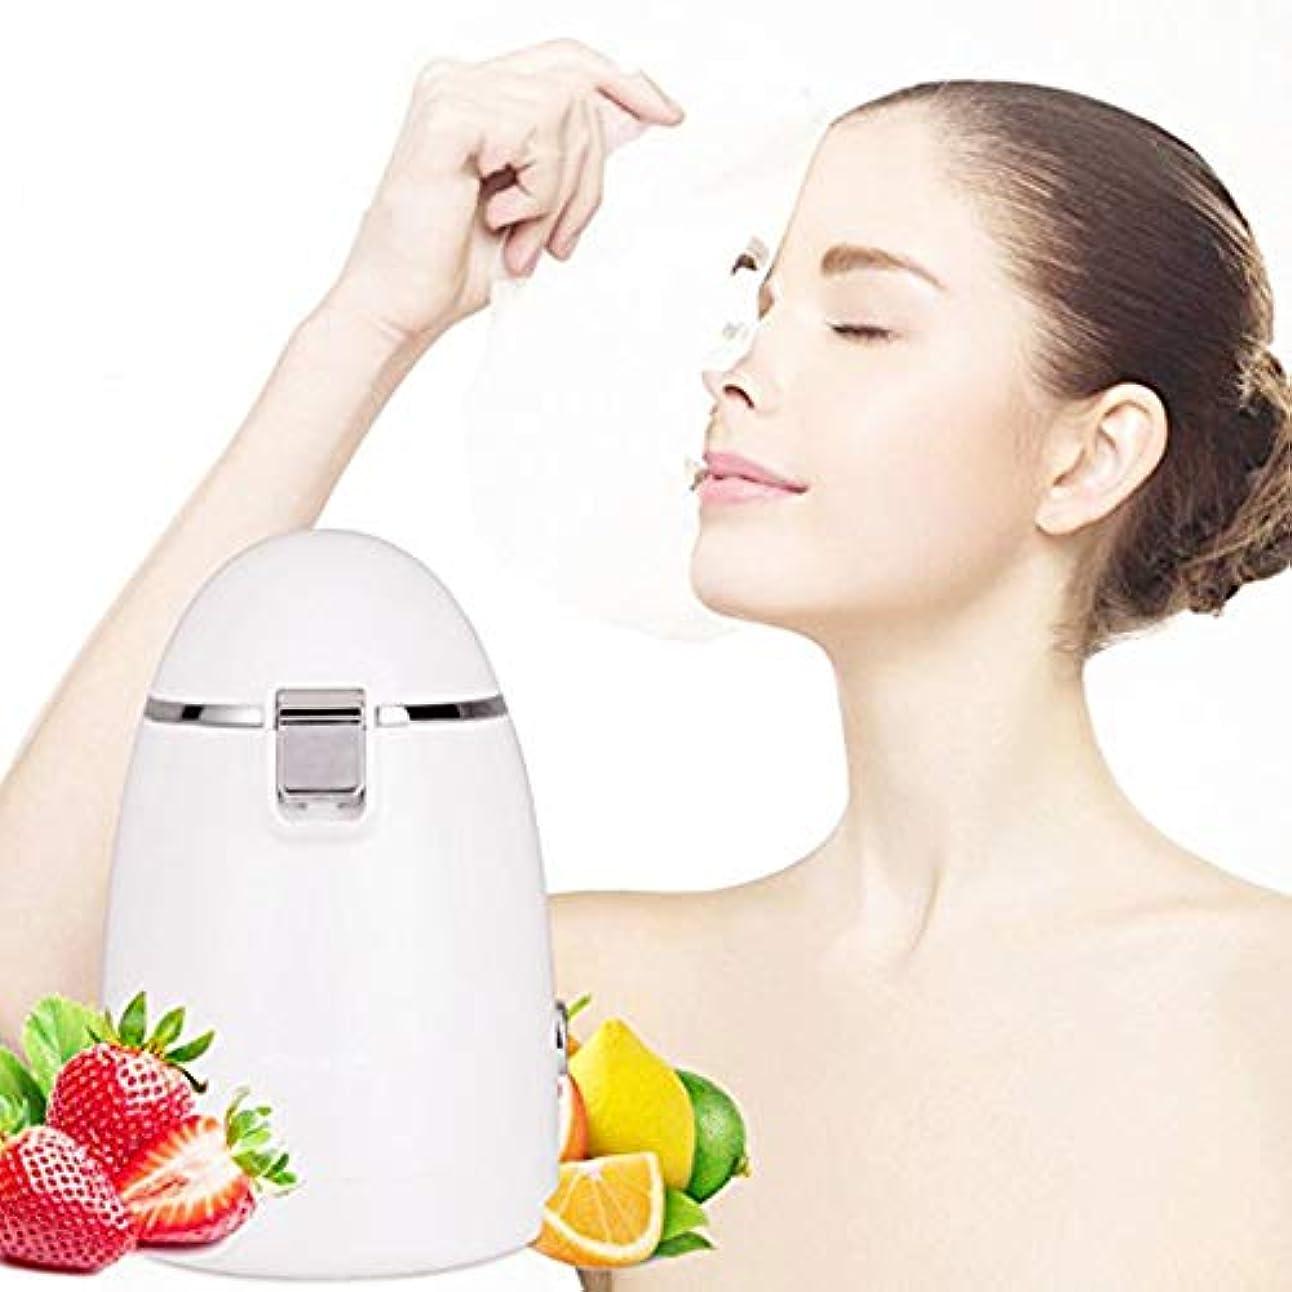 大きさ命令的重要性マスクマシン、自家製家庭用マスクマシン自動多機能攪拌加熱果物と野菜 DIY マスクフルーツマスク